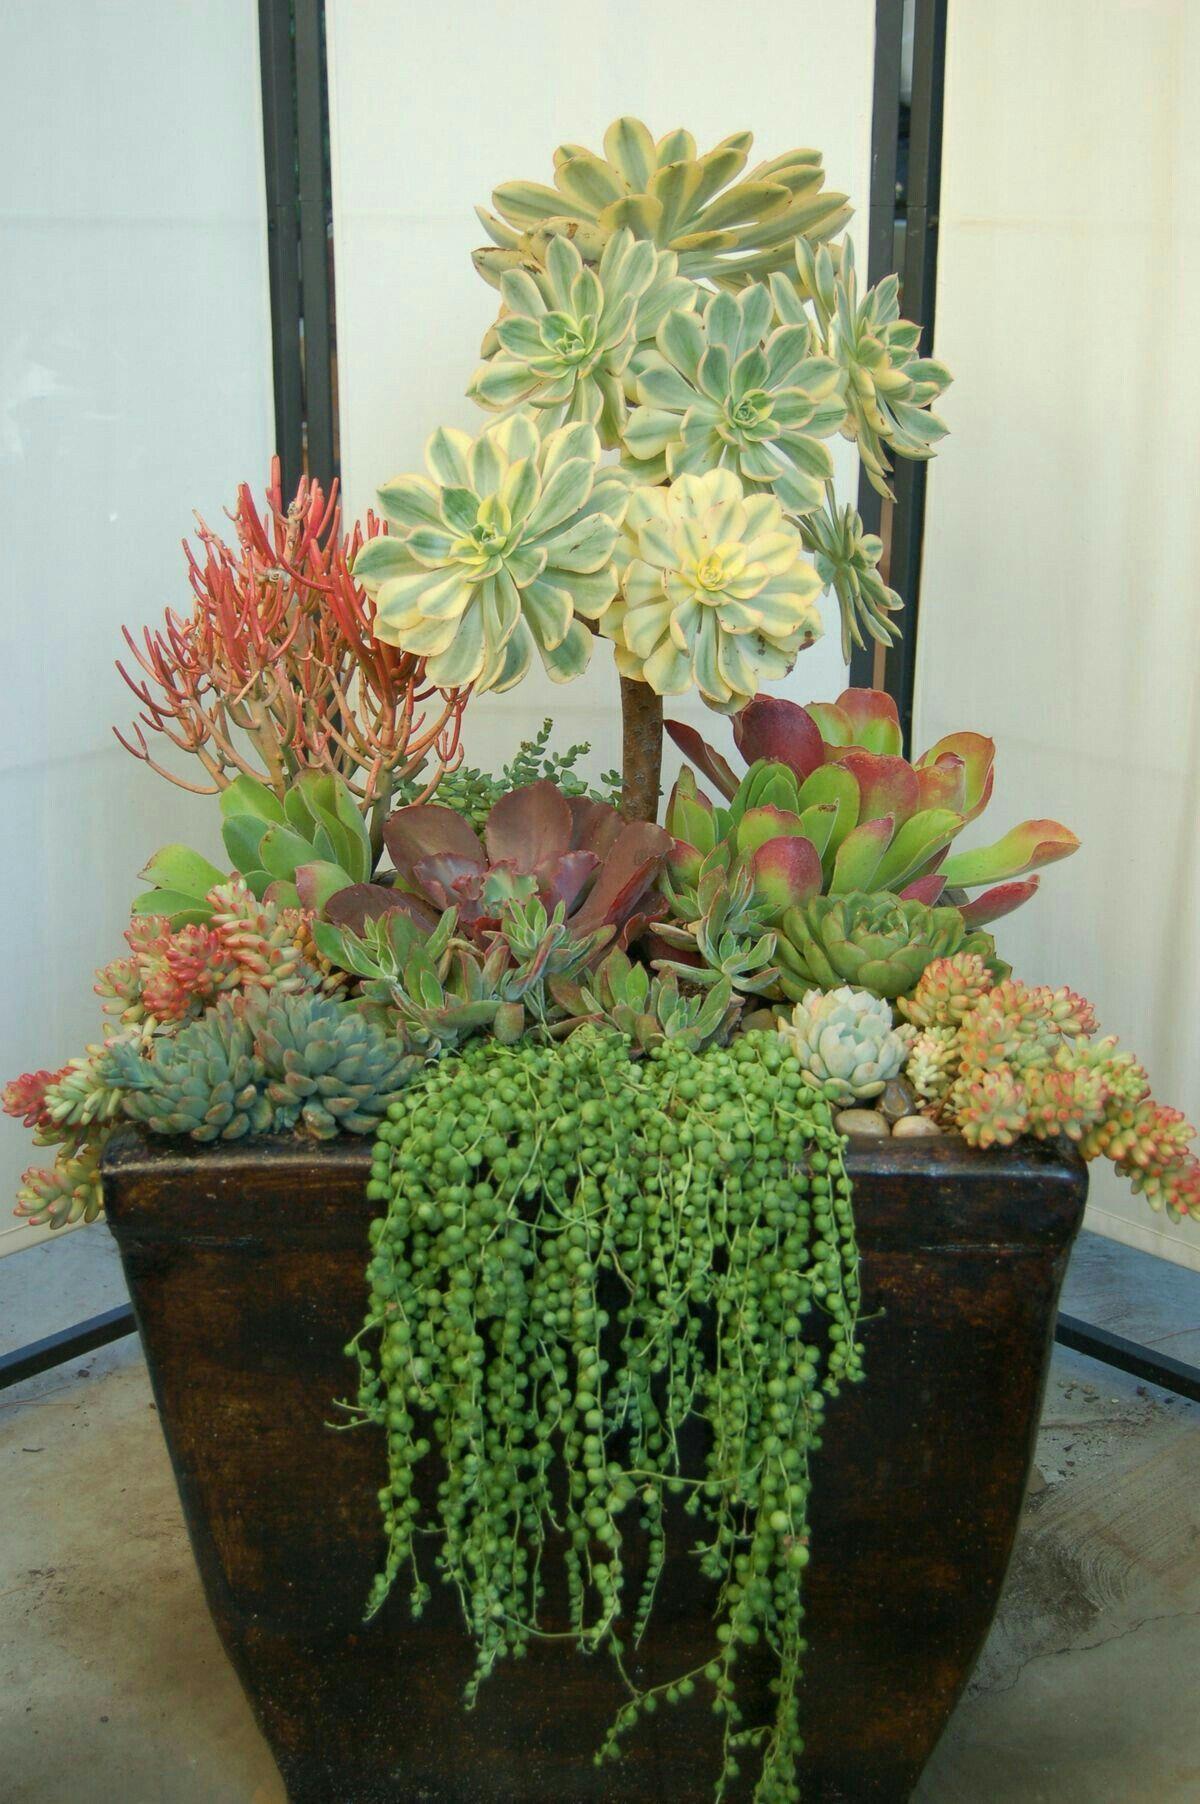 Coltivare Piselli In Vaso succulents #landscapingfrontyard (con immagini)   giardino